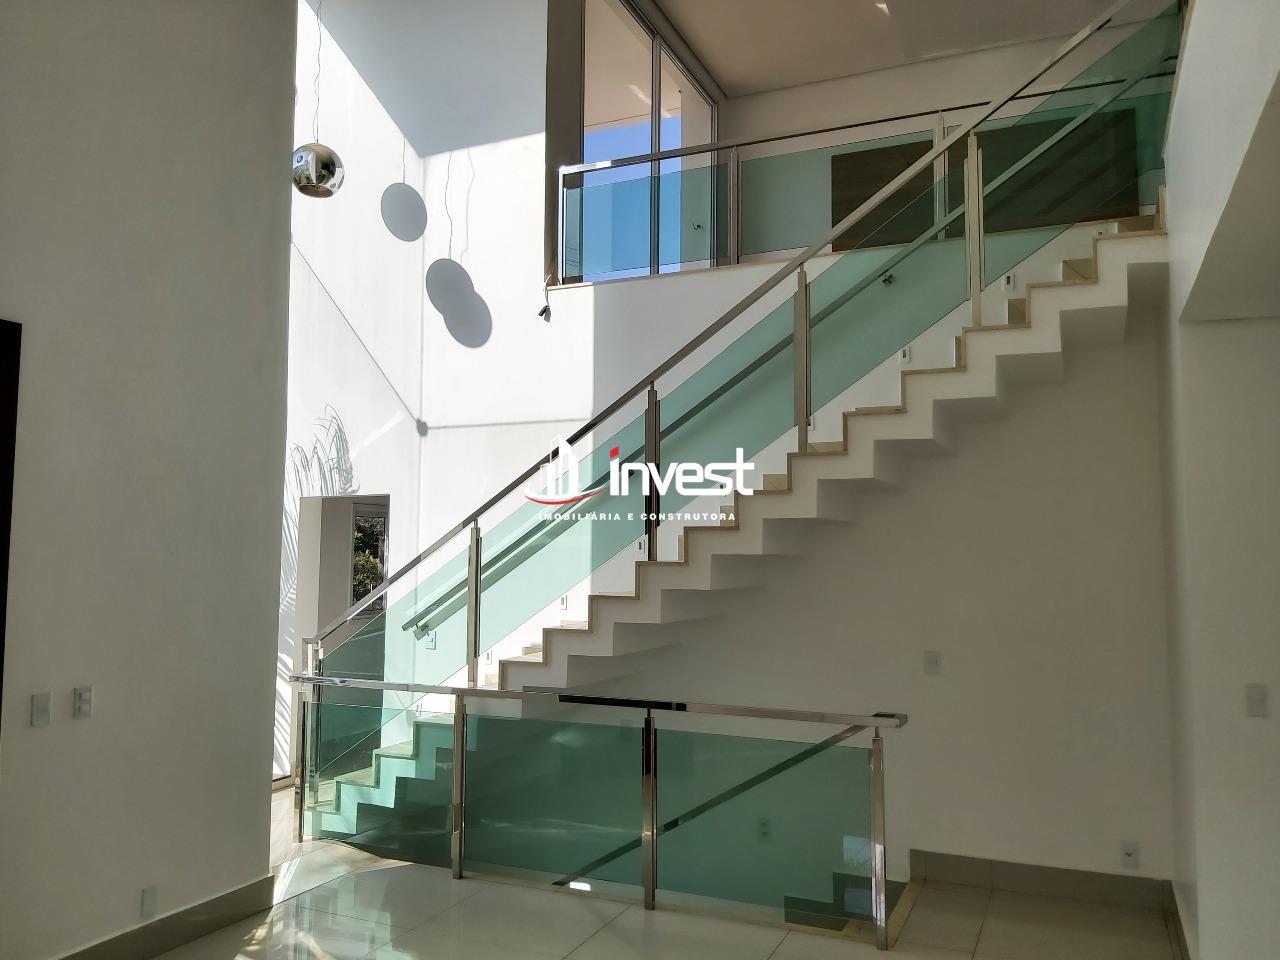 Casa Condomínio para aluguel, 5 quartos, 2 vagas, Damha II - Res. Uberaba - Uberaba/MG